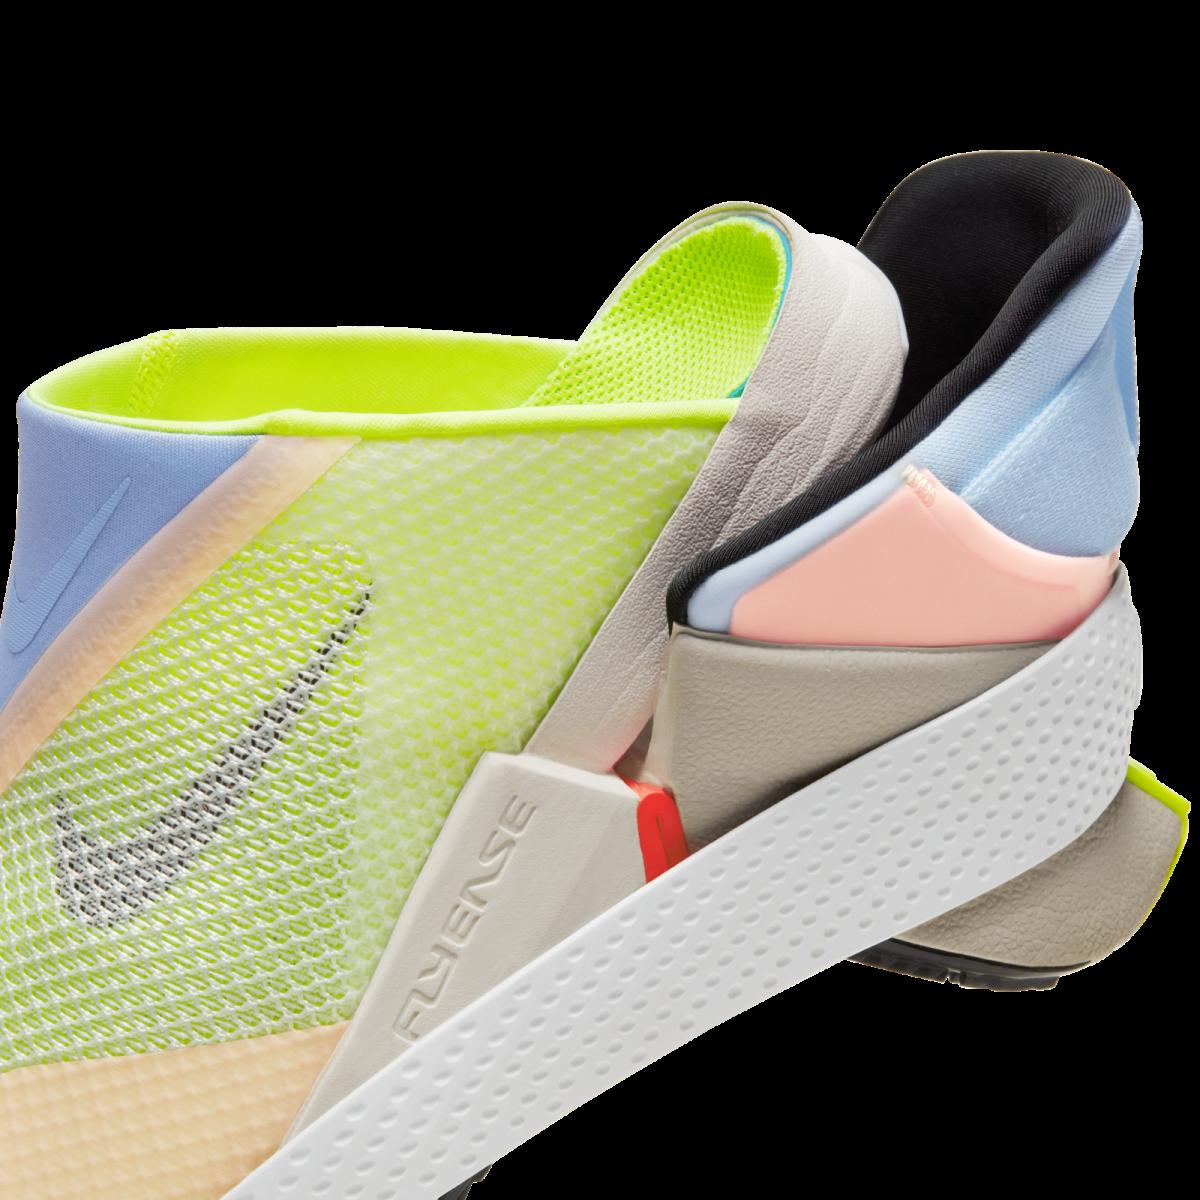 The Nike GOFlyEase